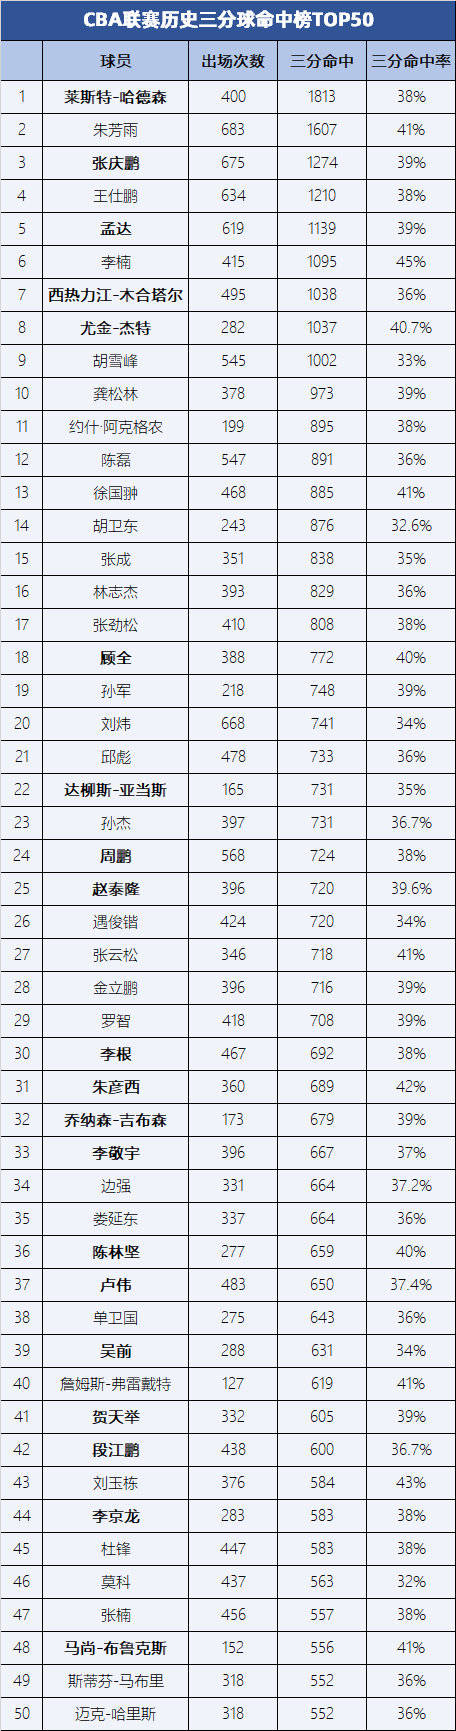 CBA历史三分球命中榜:哈德森领跑 朱芳雨为本土之首